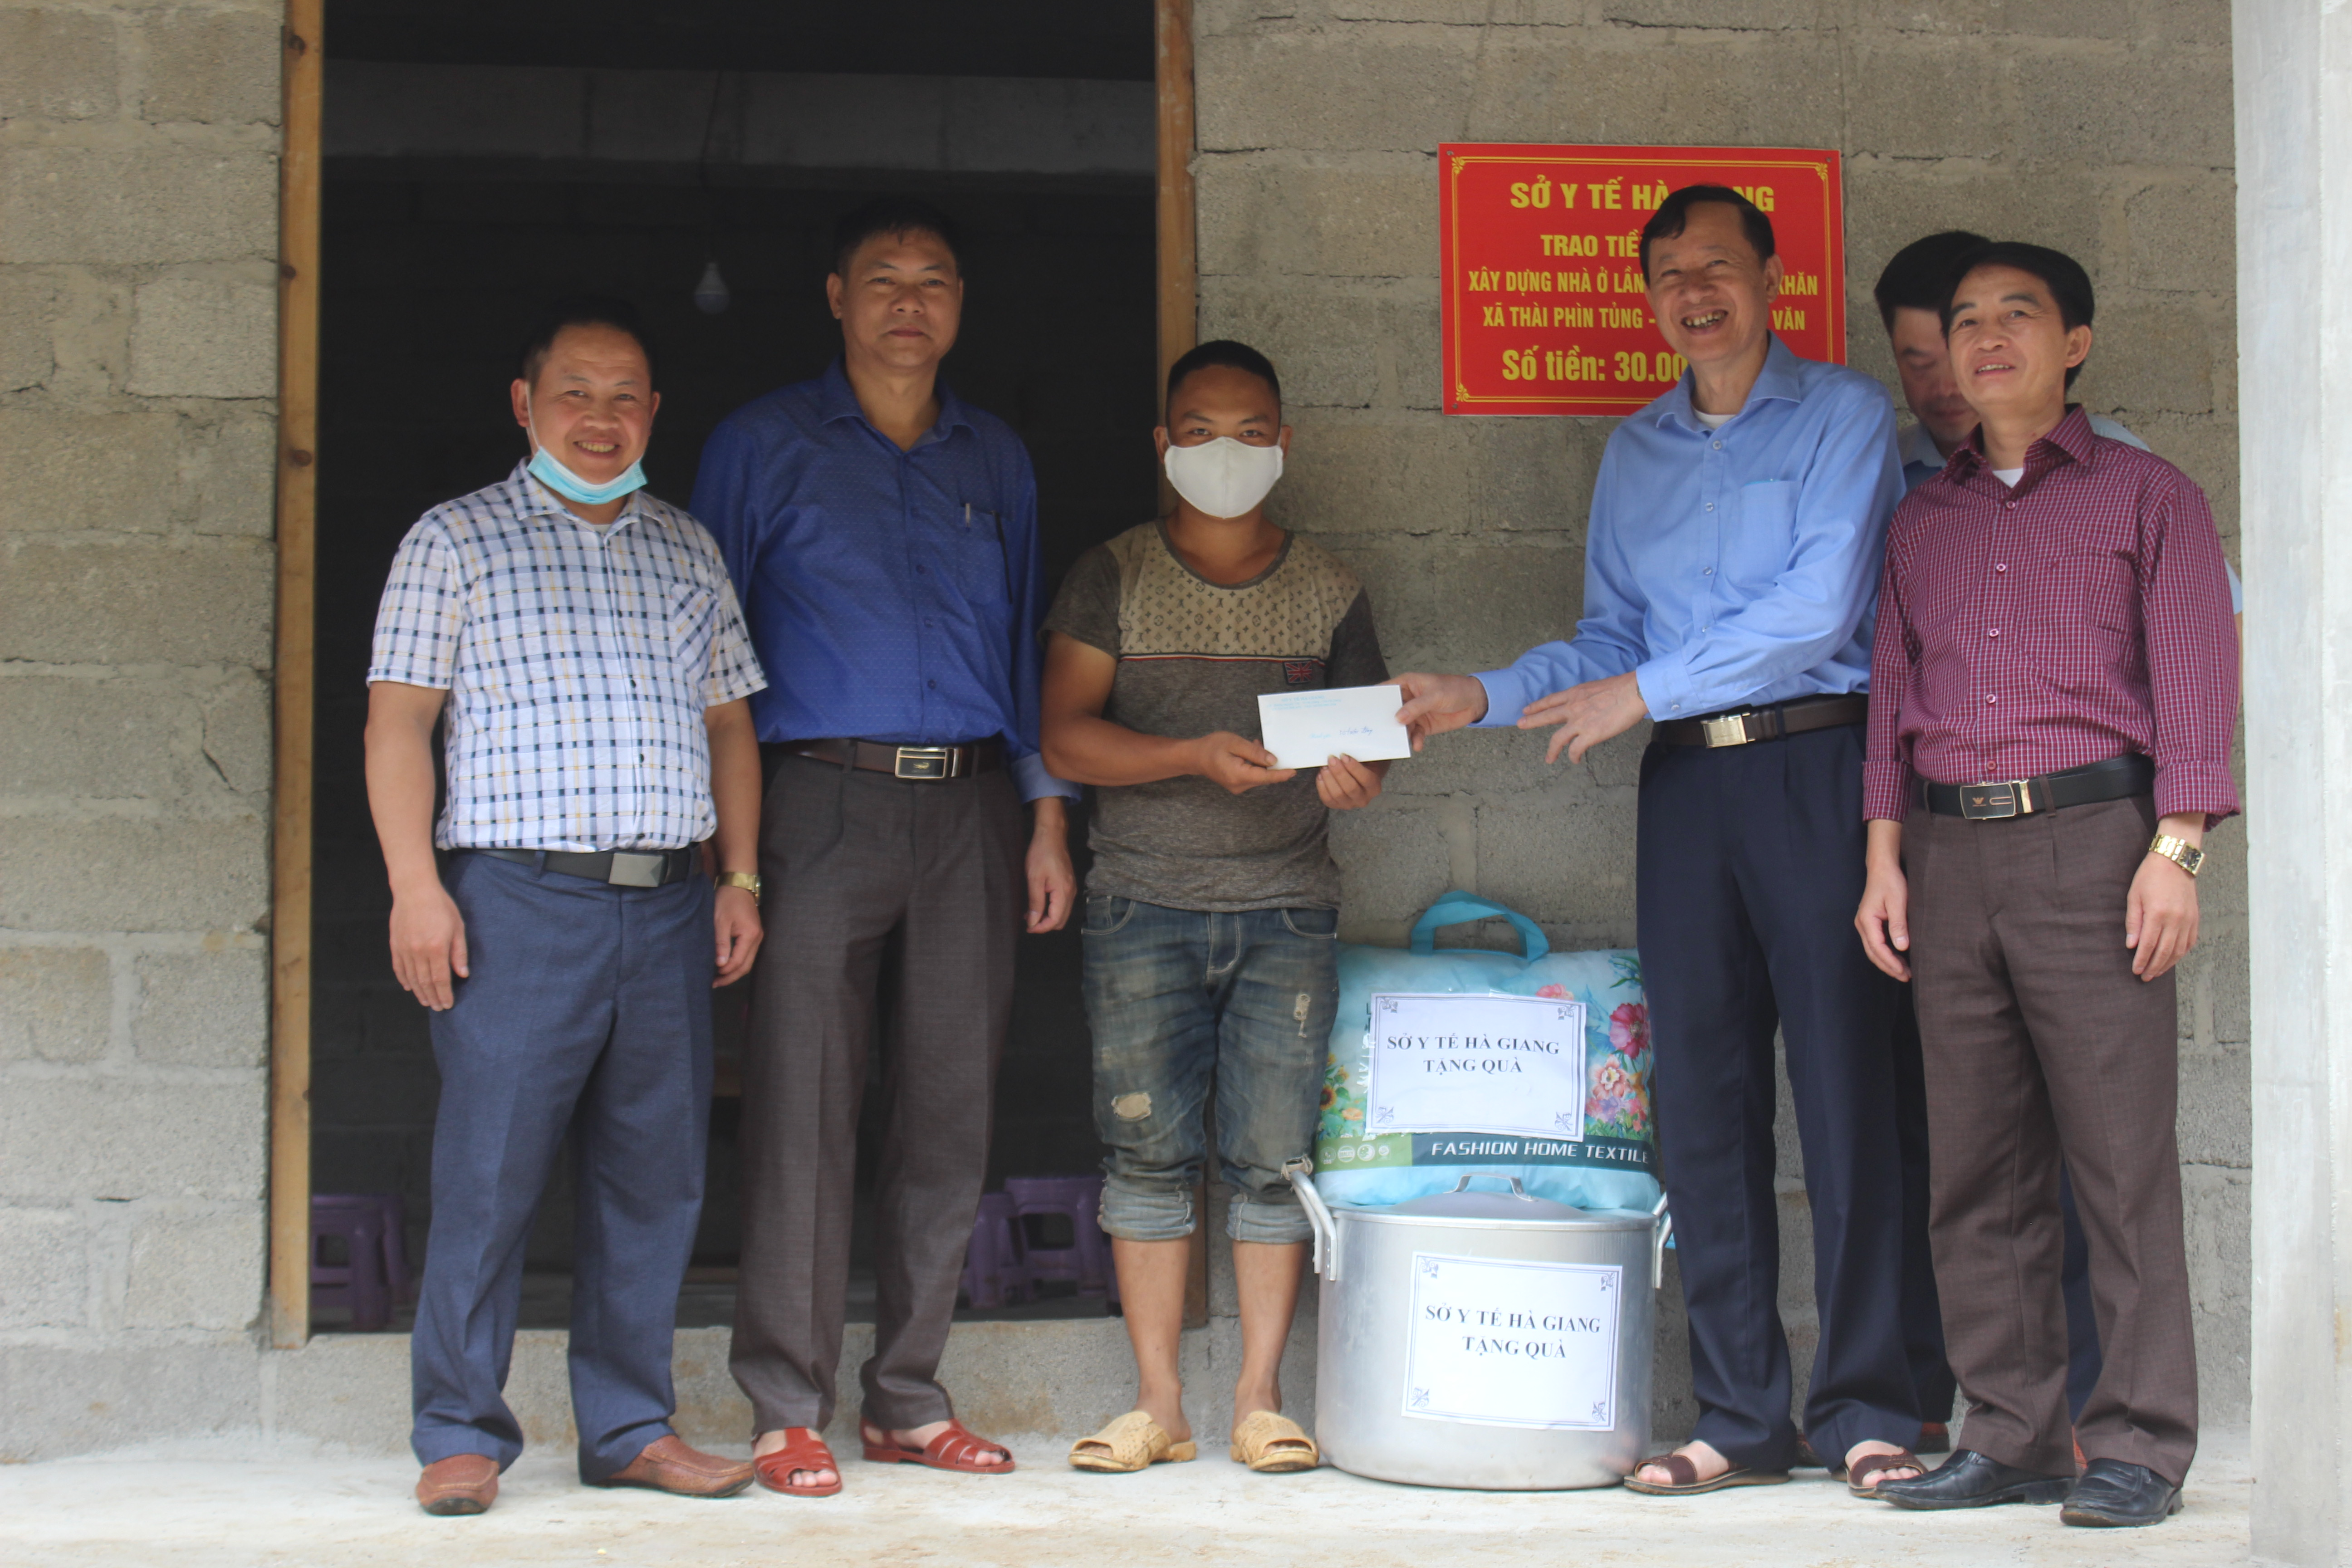 Sở Y tế trao tiền hỗ trợ xây nhà cho hộ nghèo tại xã Thài Phìn Tủng,  huyện Đồng Văn